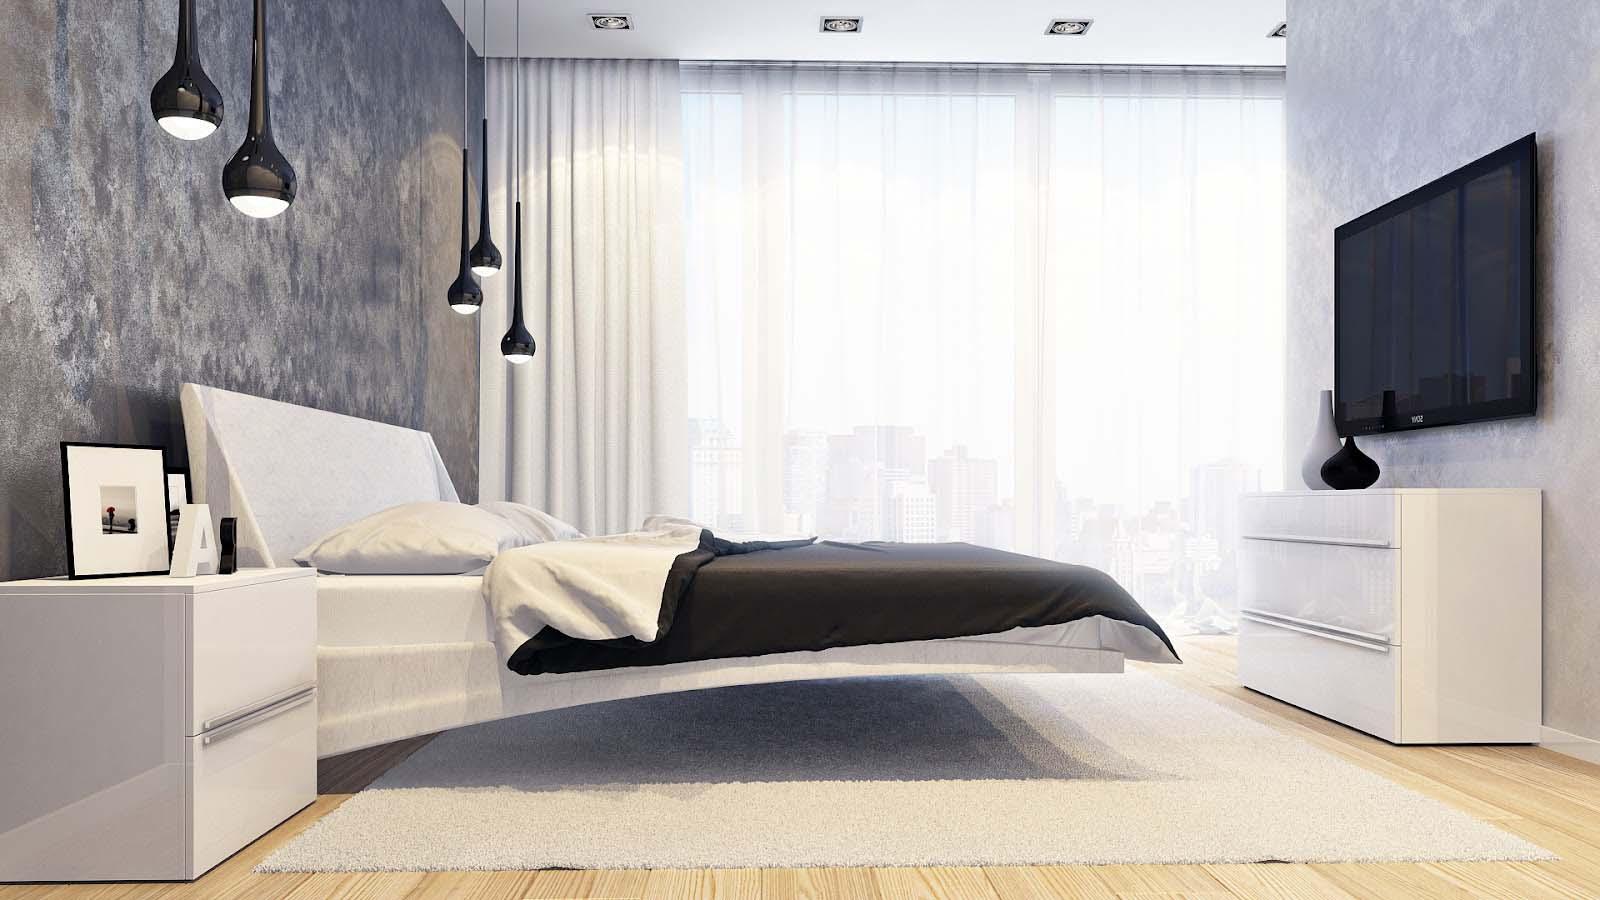 Необычная кровать в современной спальне